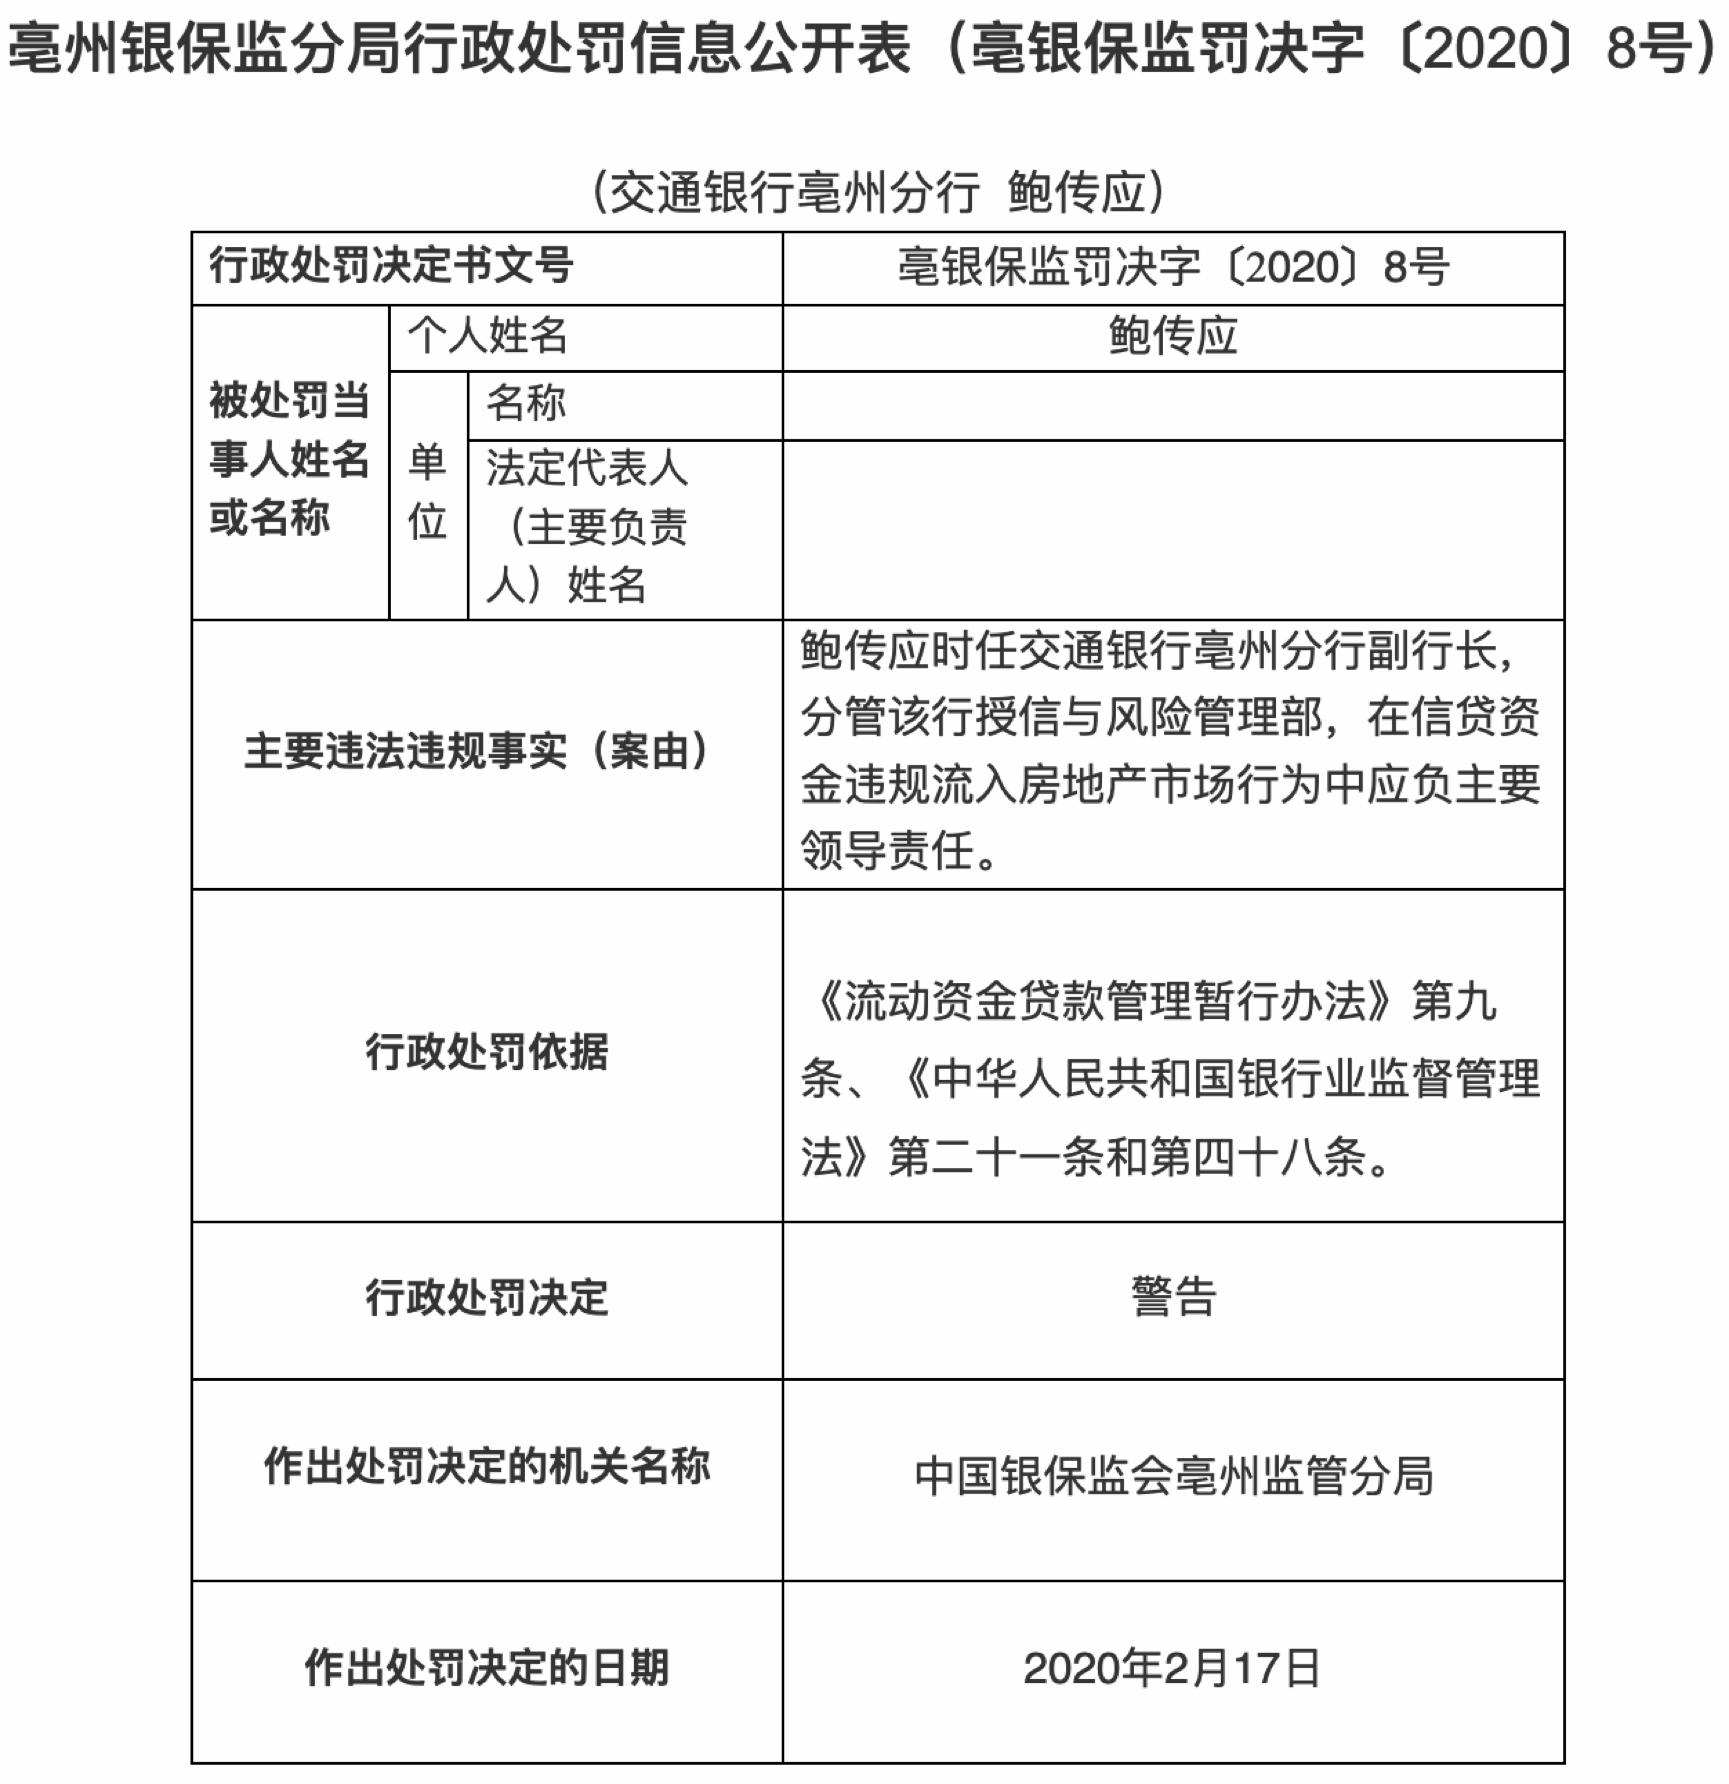 交通银行亳州资金违规流入房地产 分行副行长遭警告